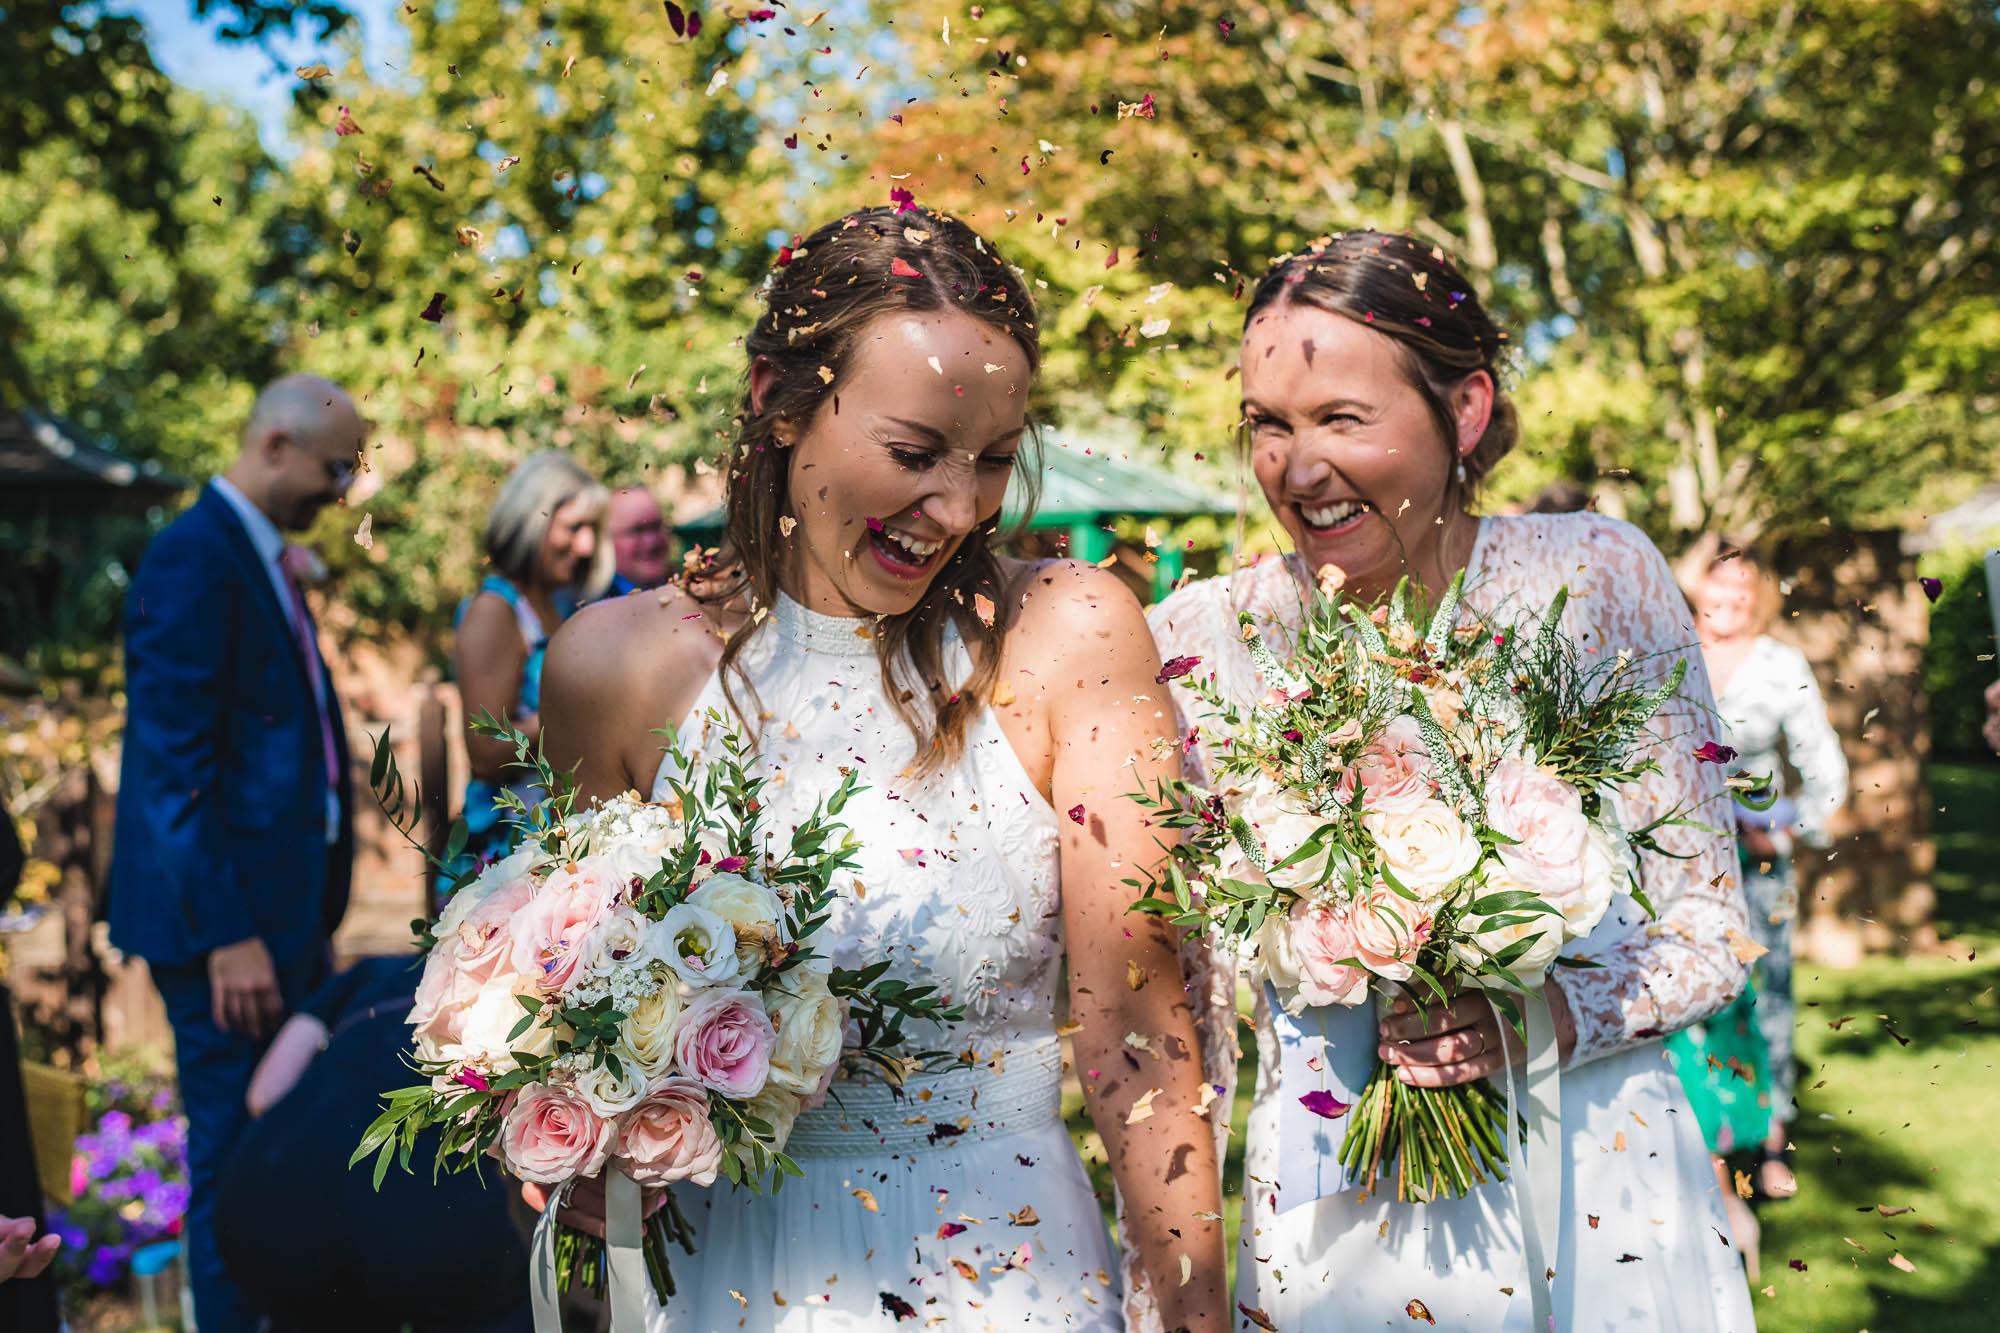 Barnsdale Gardens wedding – Katie & Laura